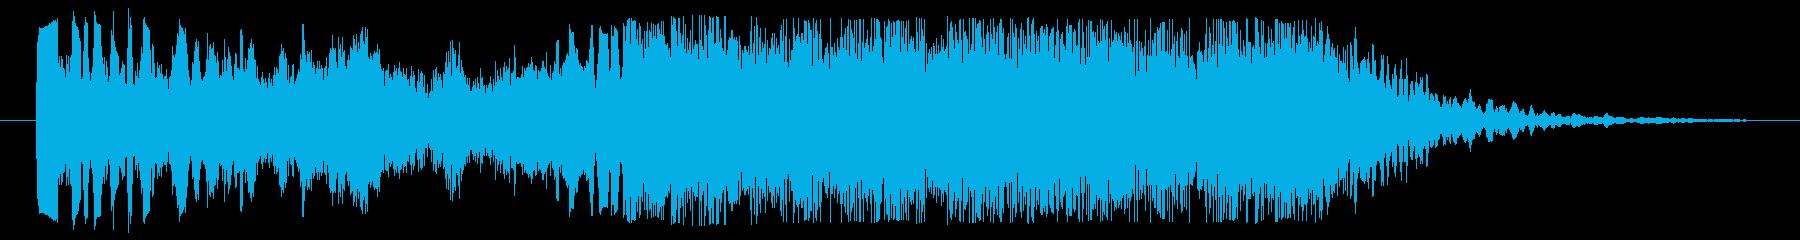 クールなハイクオリティージングル_2の再生済みの波形